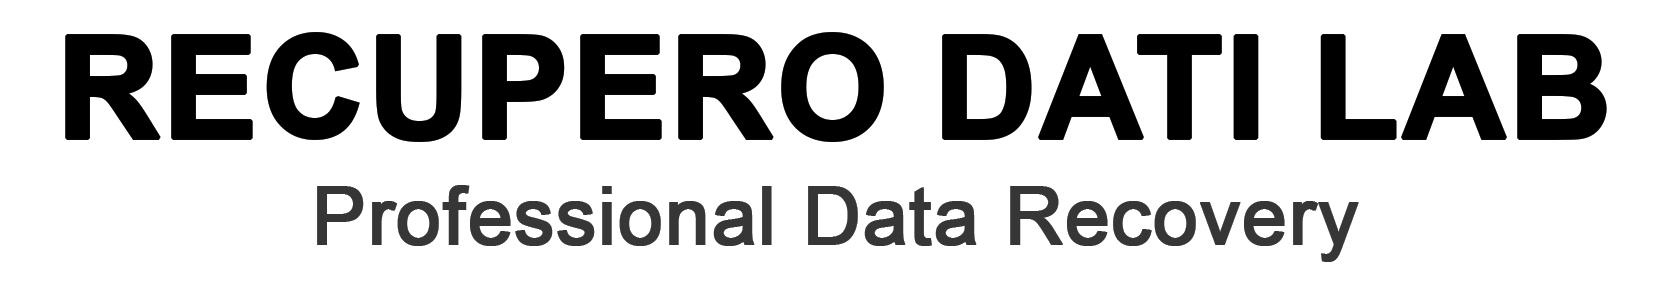 Recupero Dati Lab